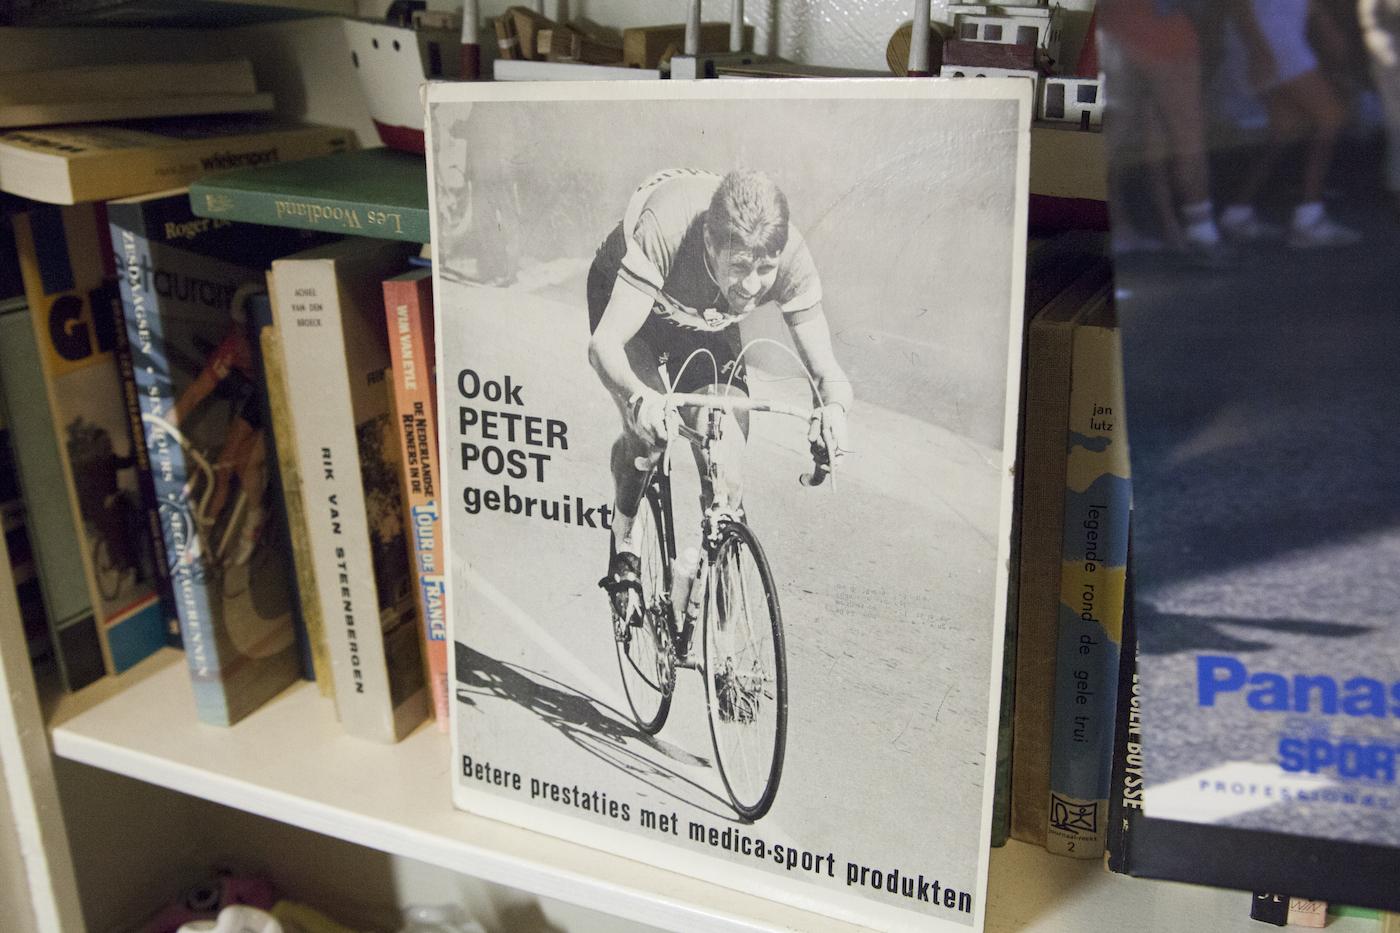 Peter_Post.jpg